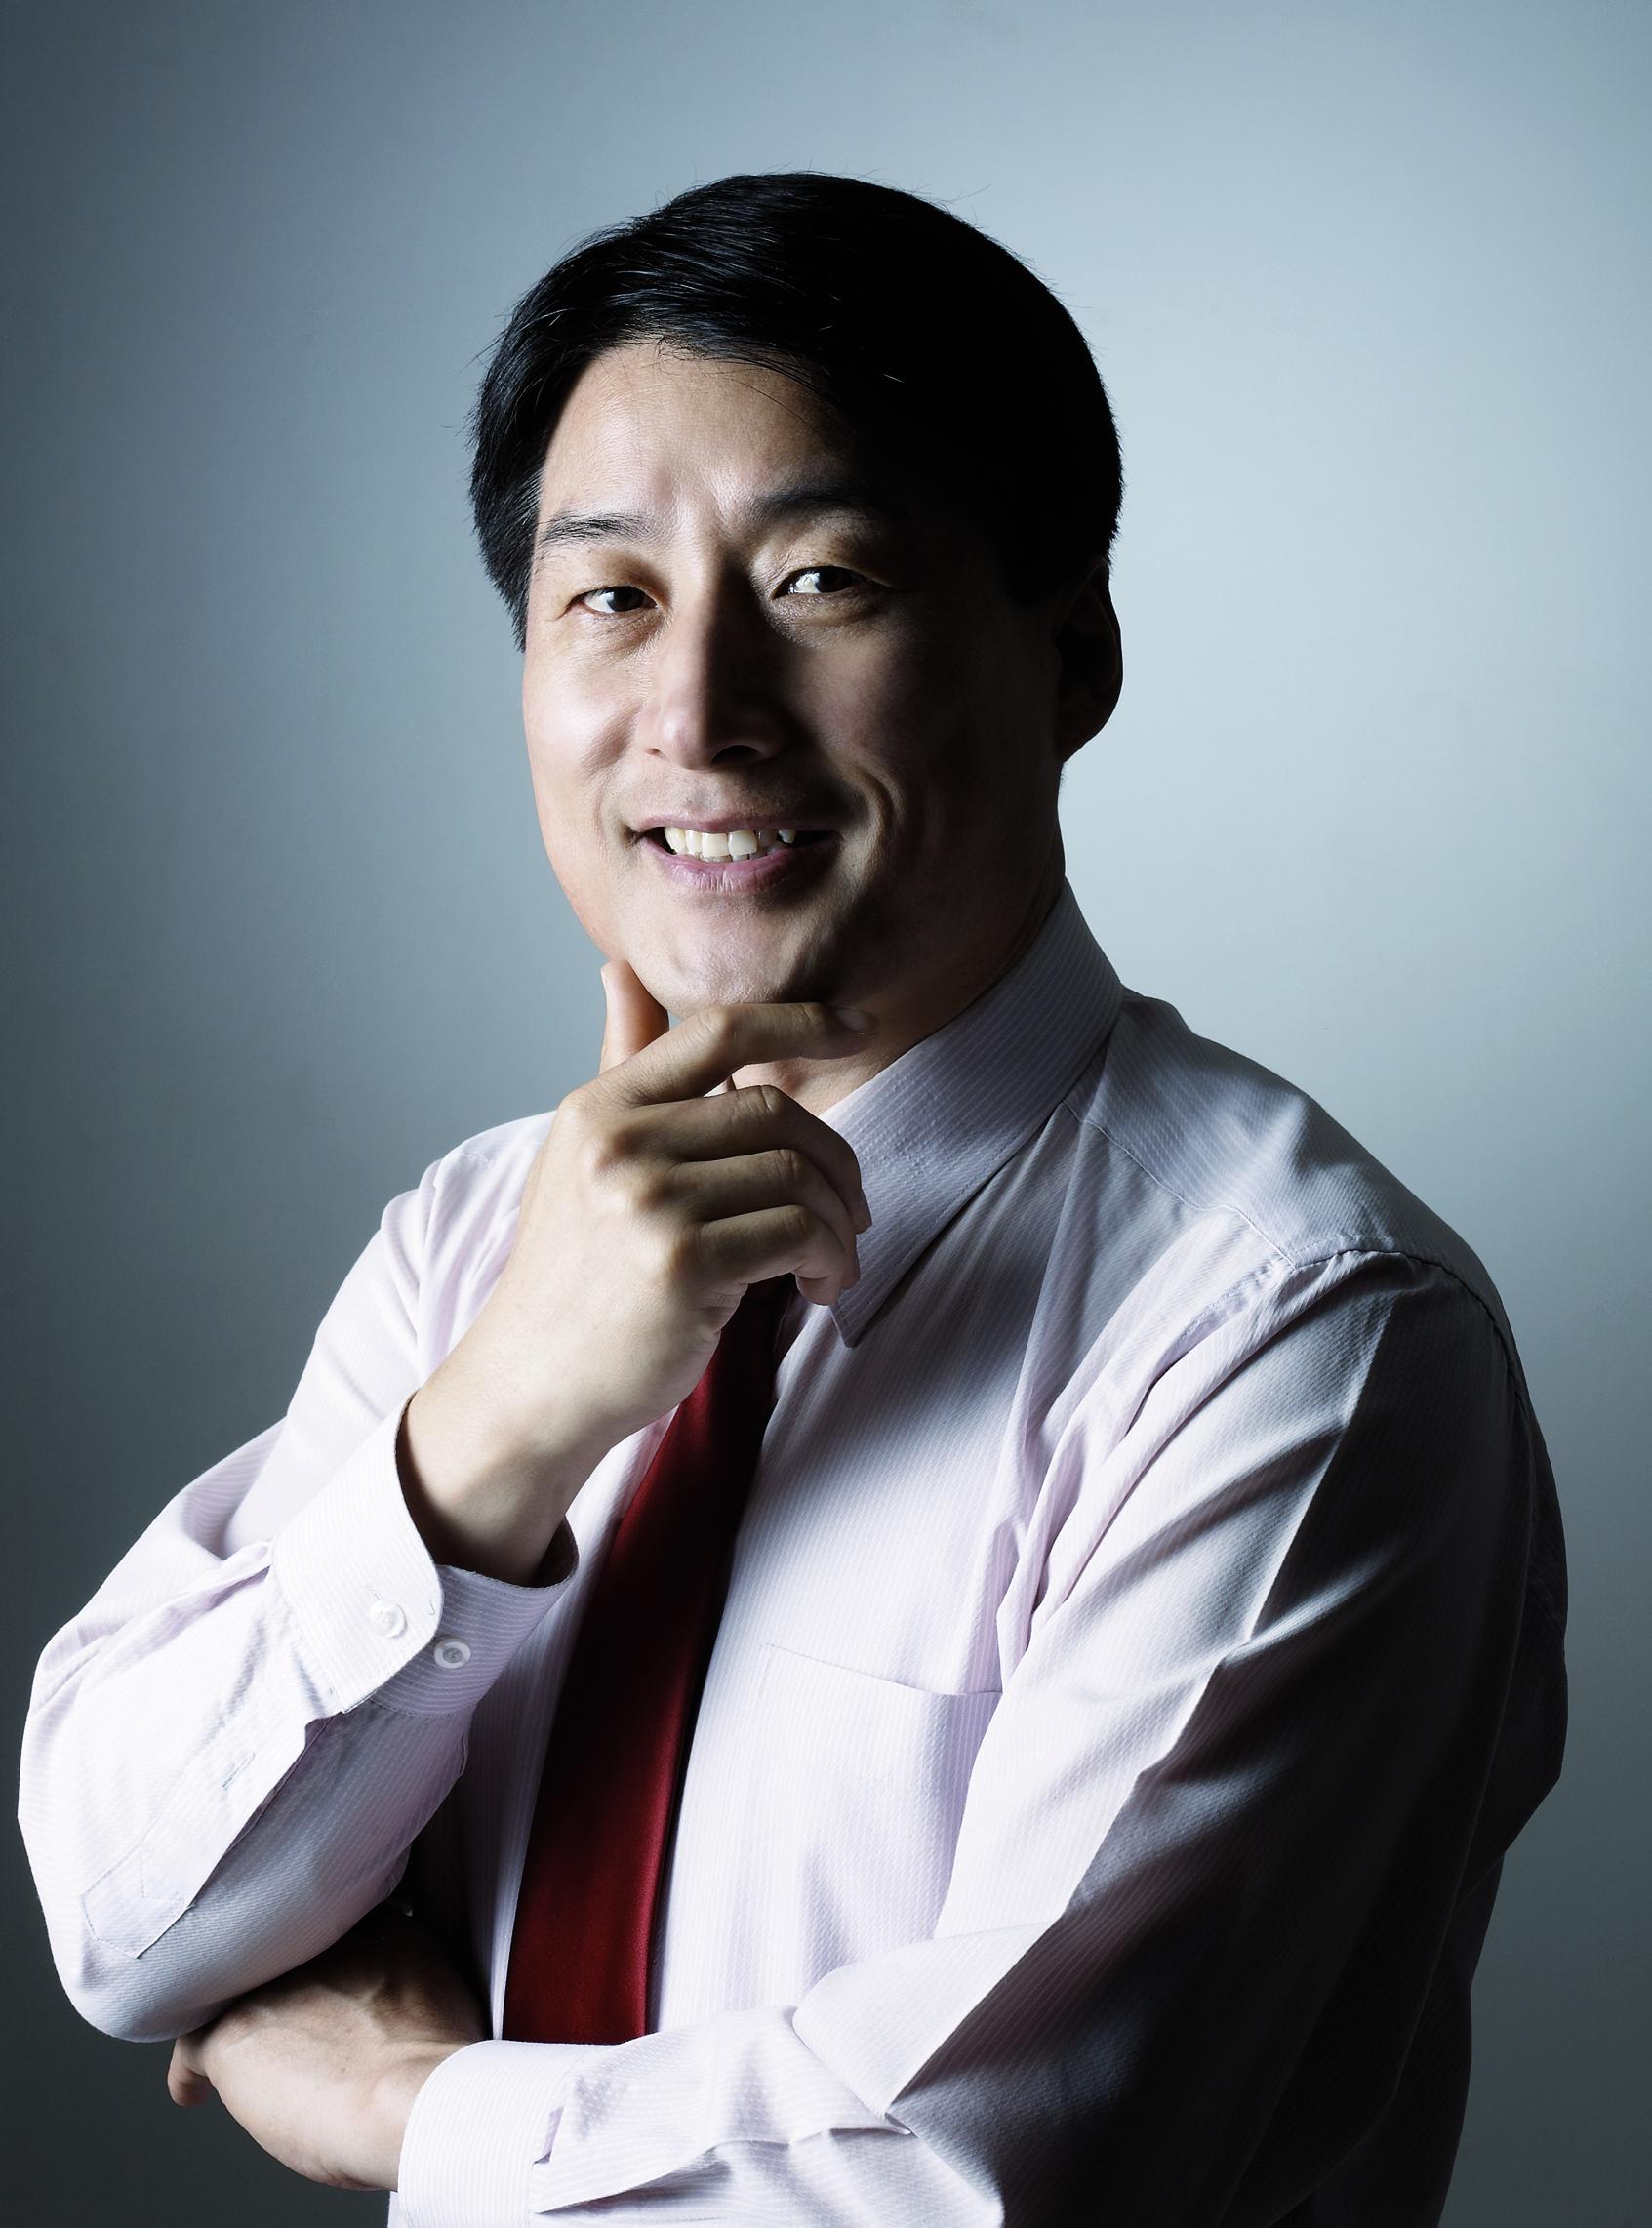 김창룡교수님-프로필사진.jpg